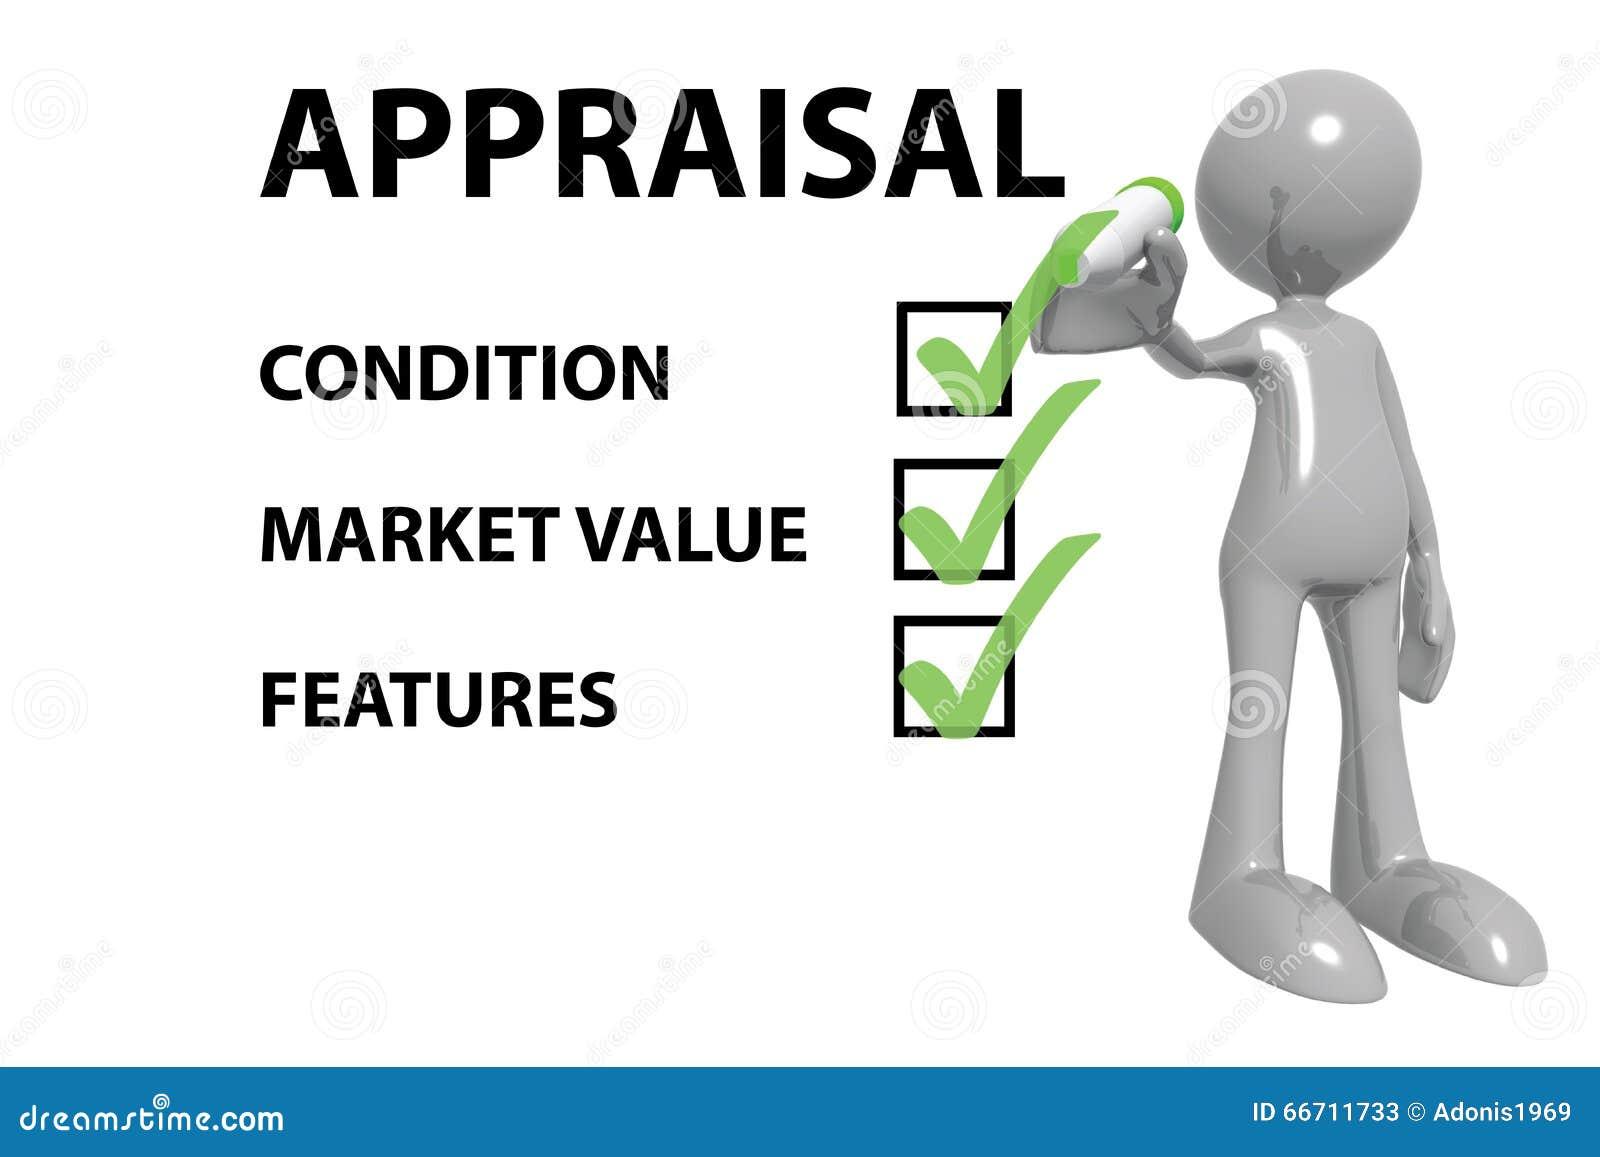 Words For Appraisal example of sponsorship letter